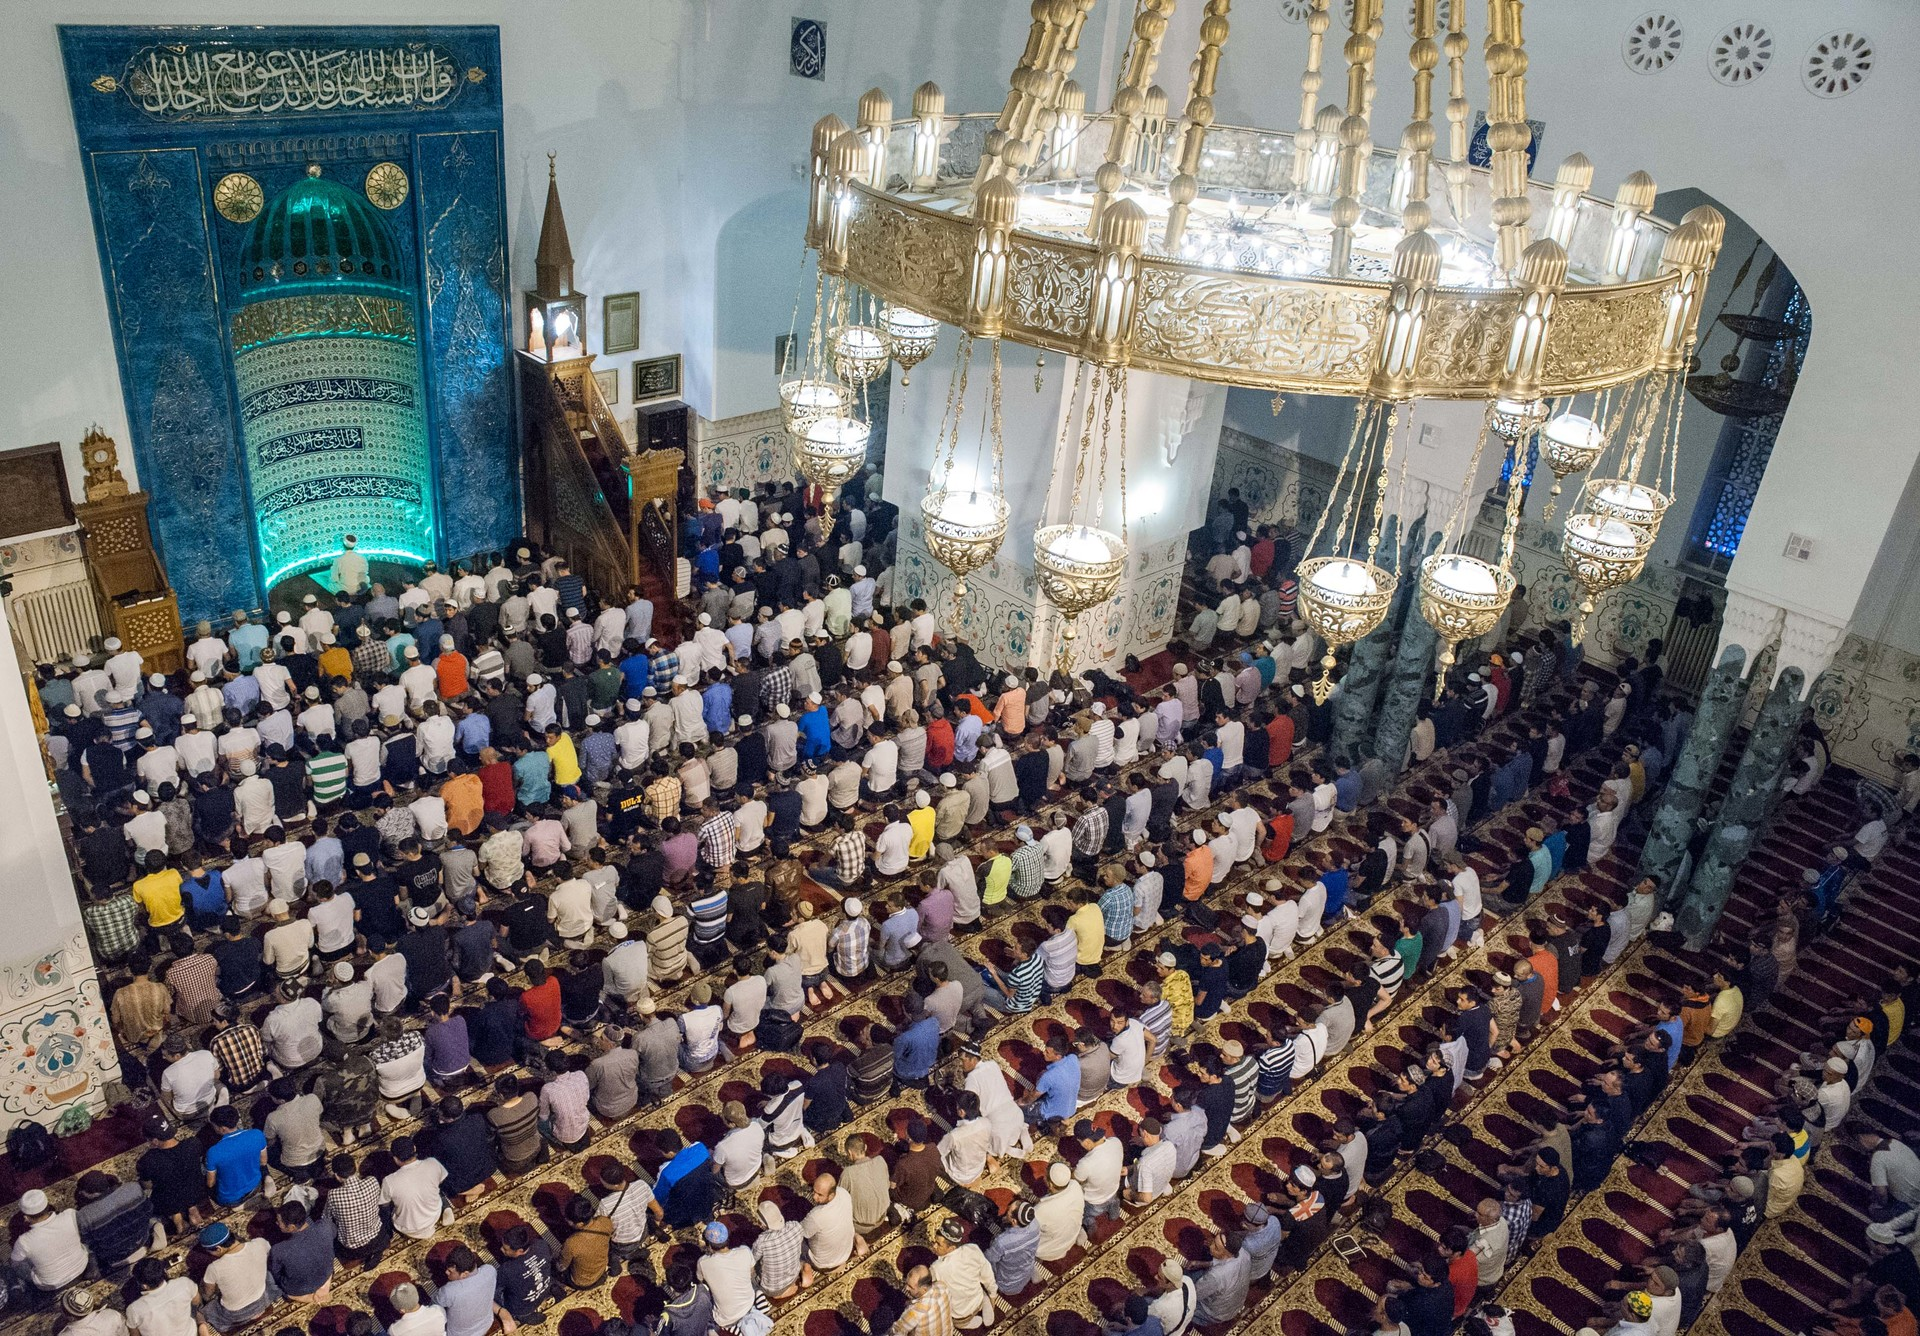 Umat Islam melaksanakan ibadah salat Id pada Hari Raya Idul Fitri, 28 Juli 2014, di Masjid Sankt Peterburg, Rusia.